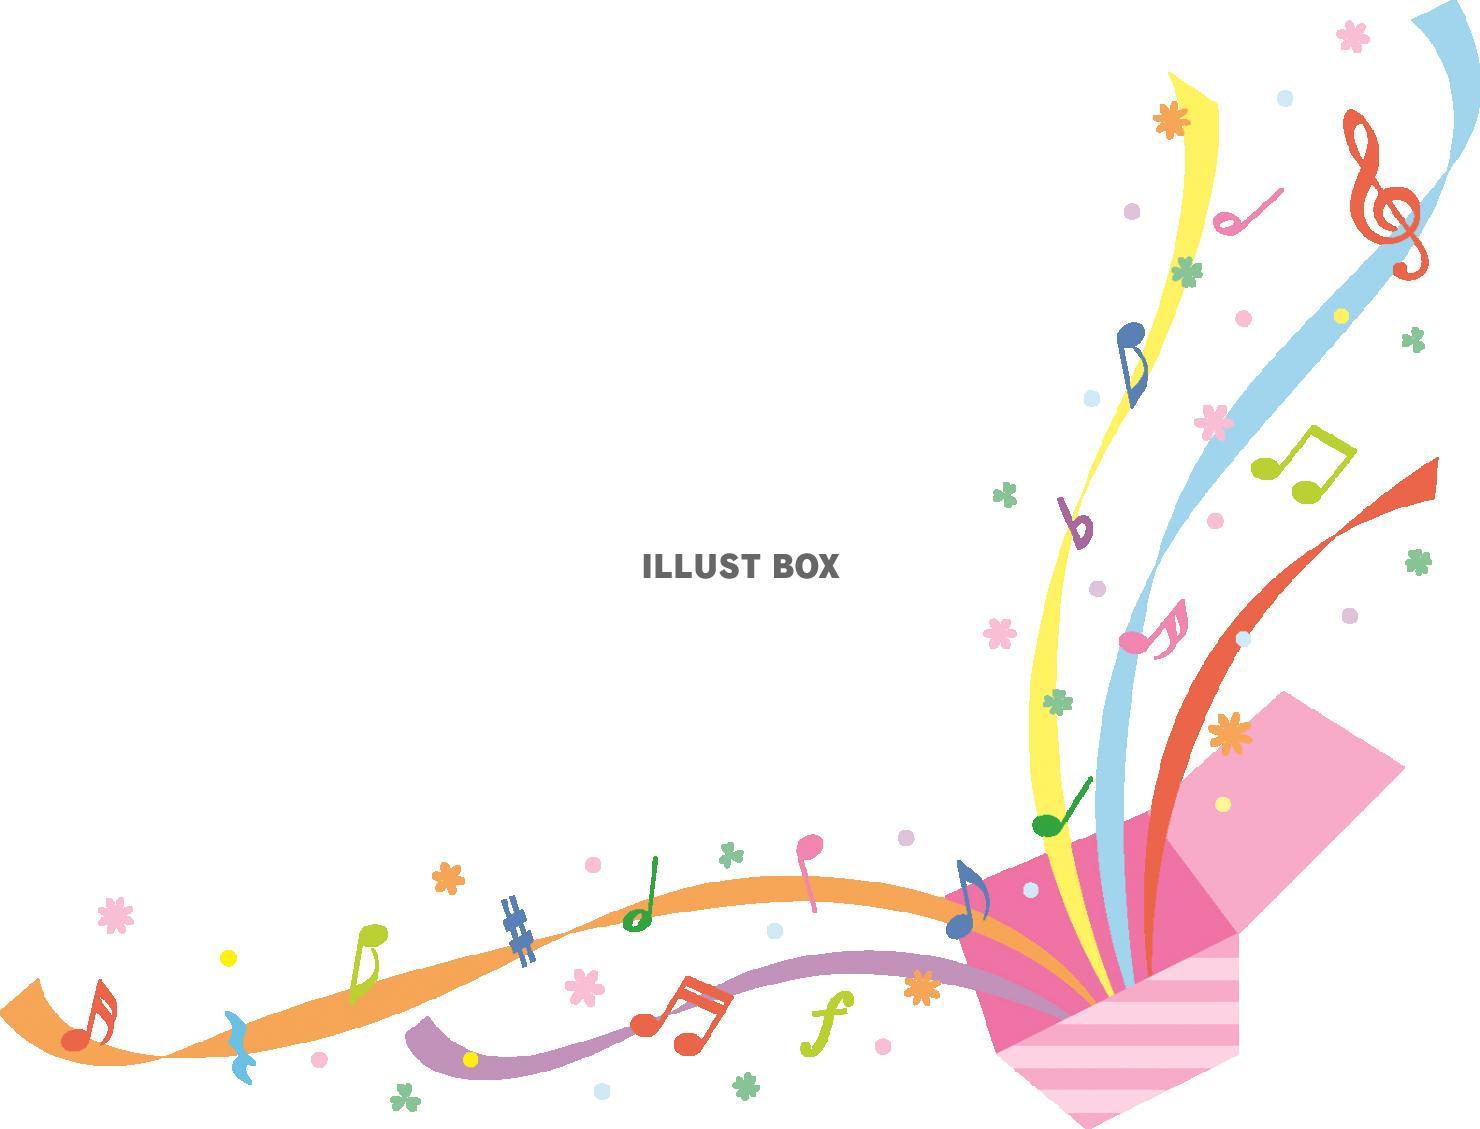 無料イラスト 音楽のびっくり箱